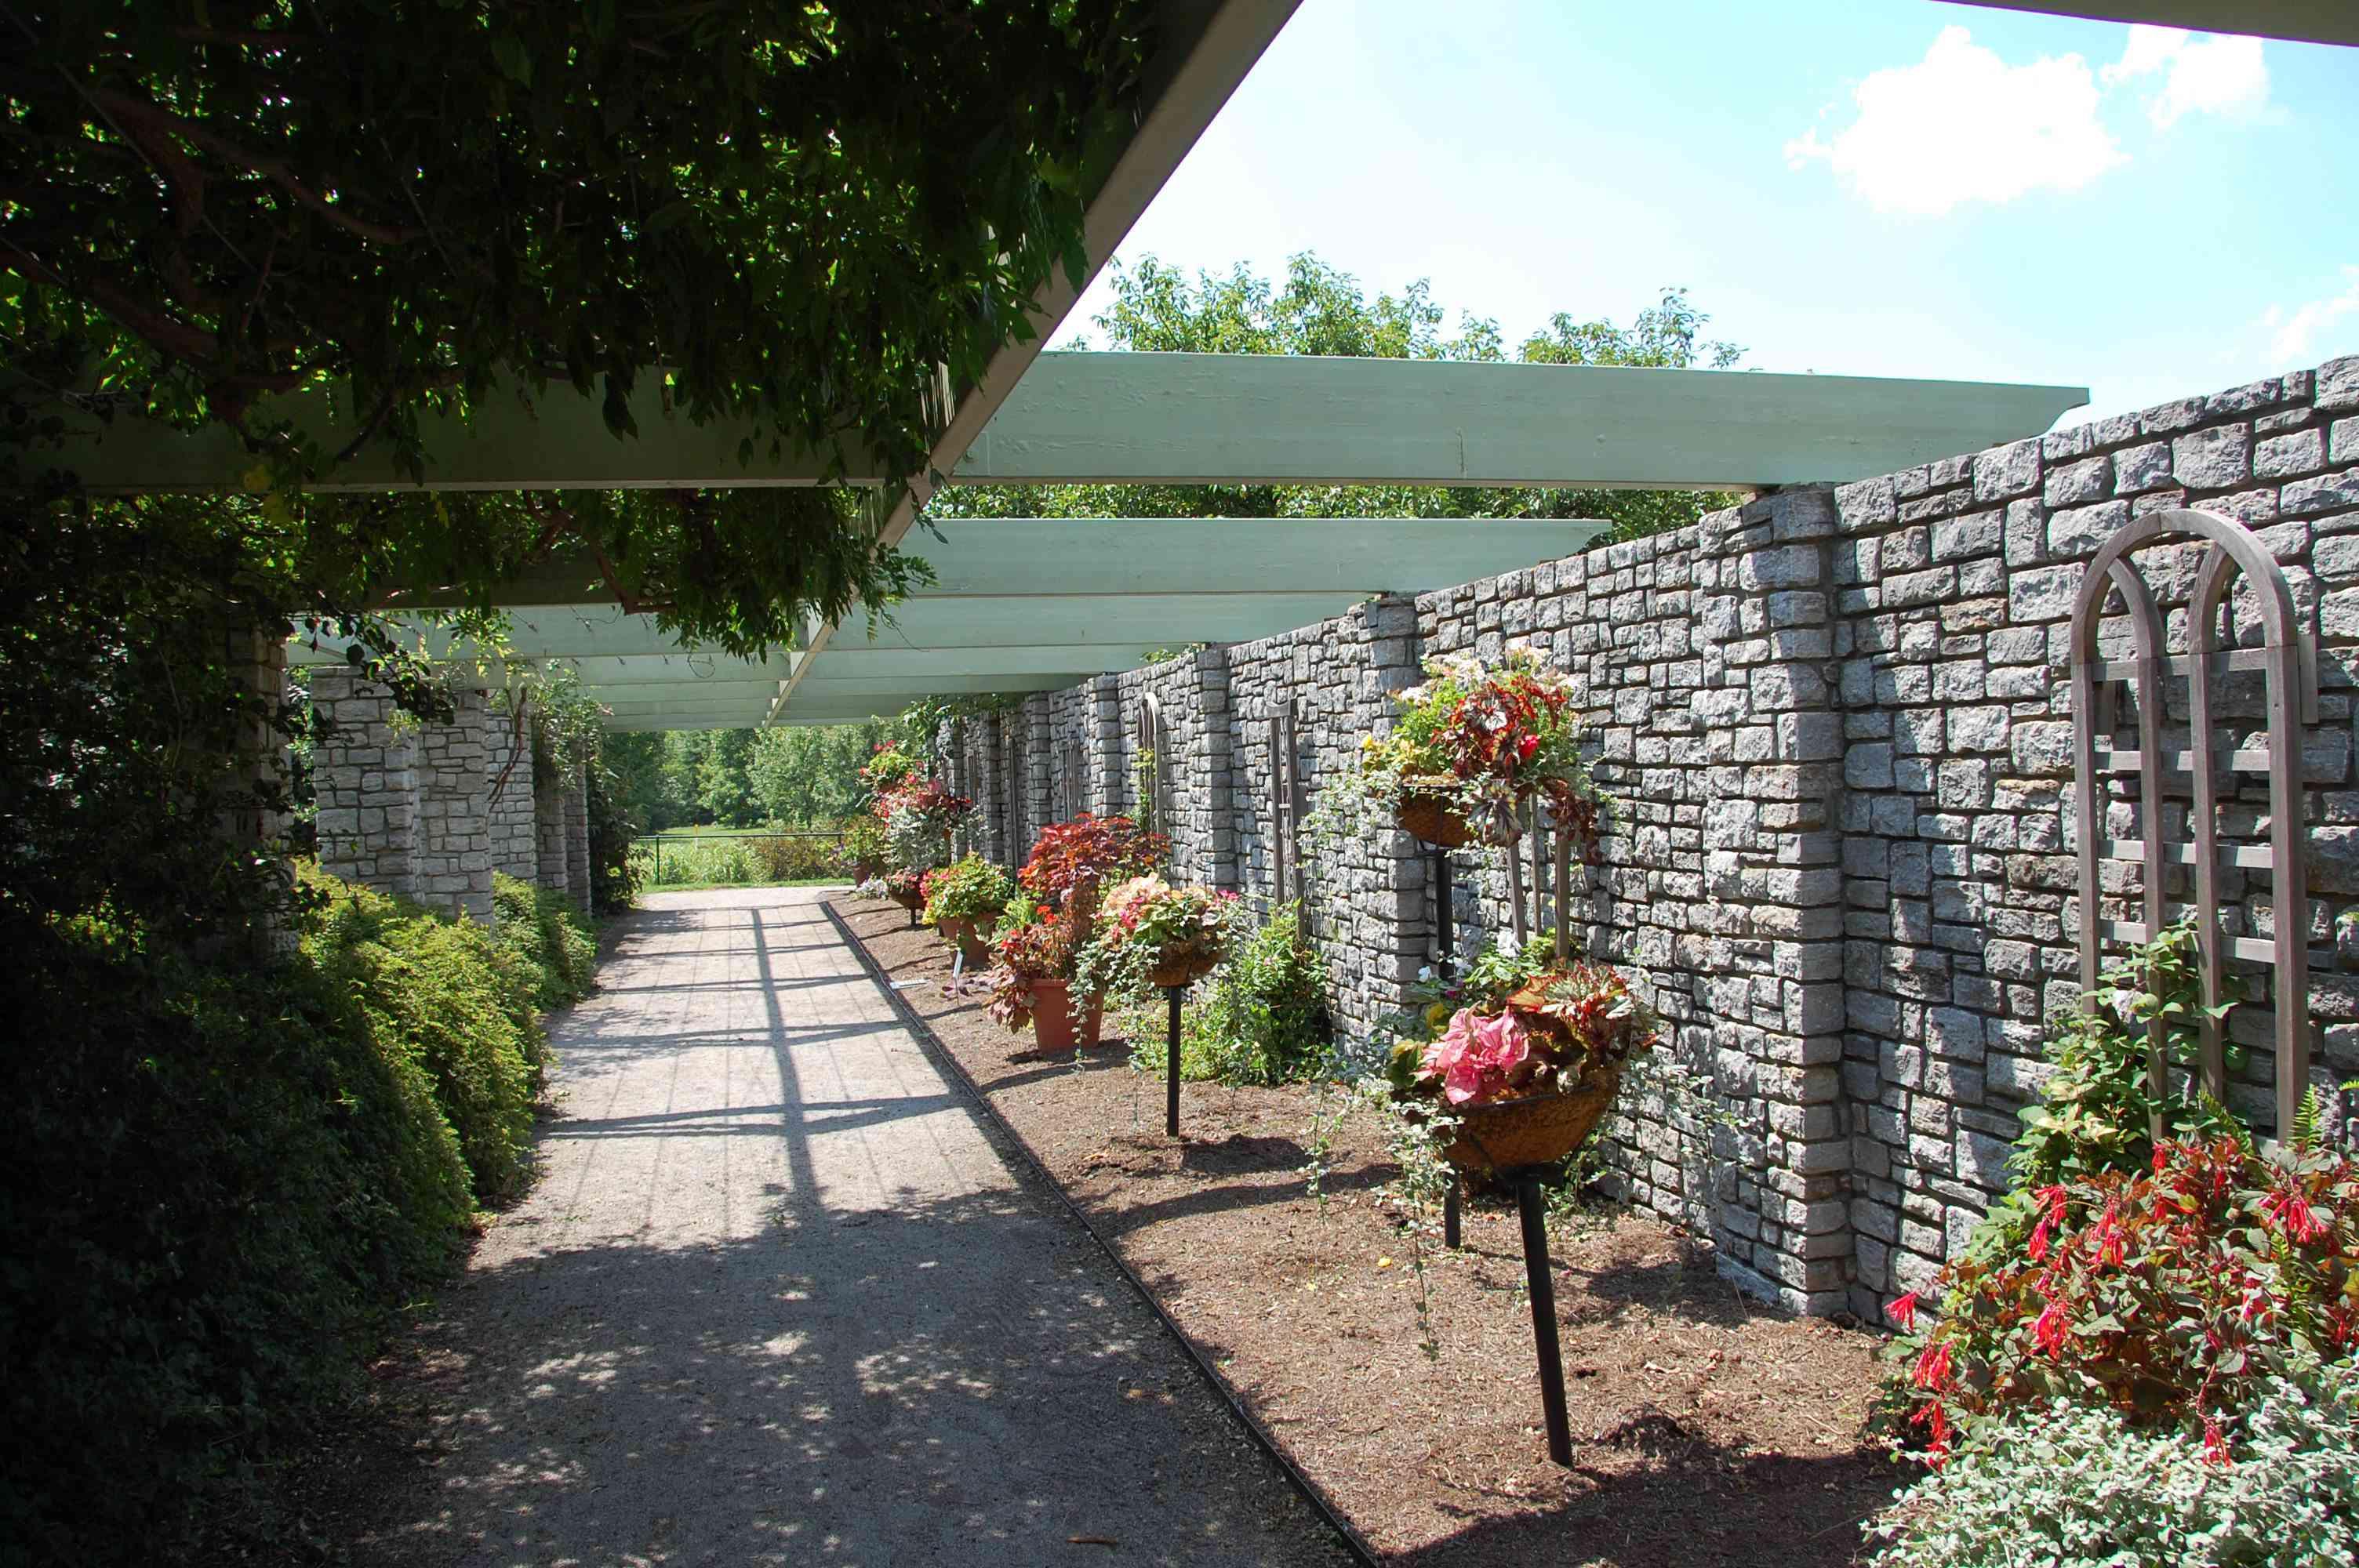 A path at the UK Arboretum in Lexington